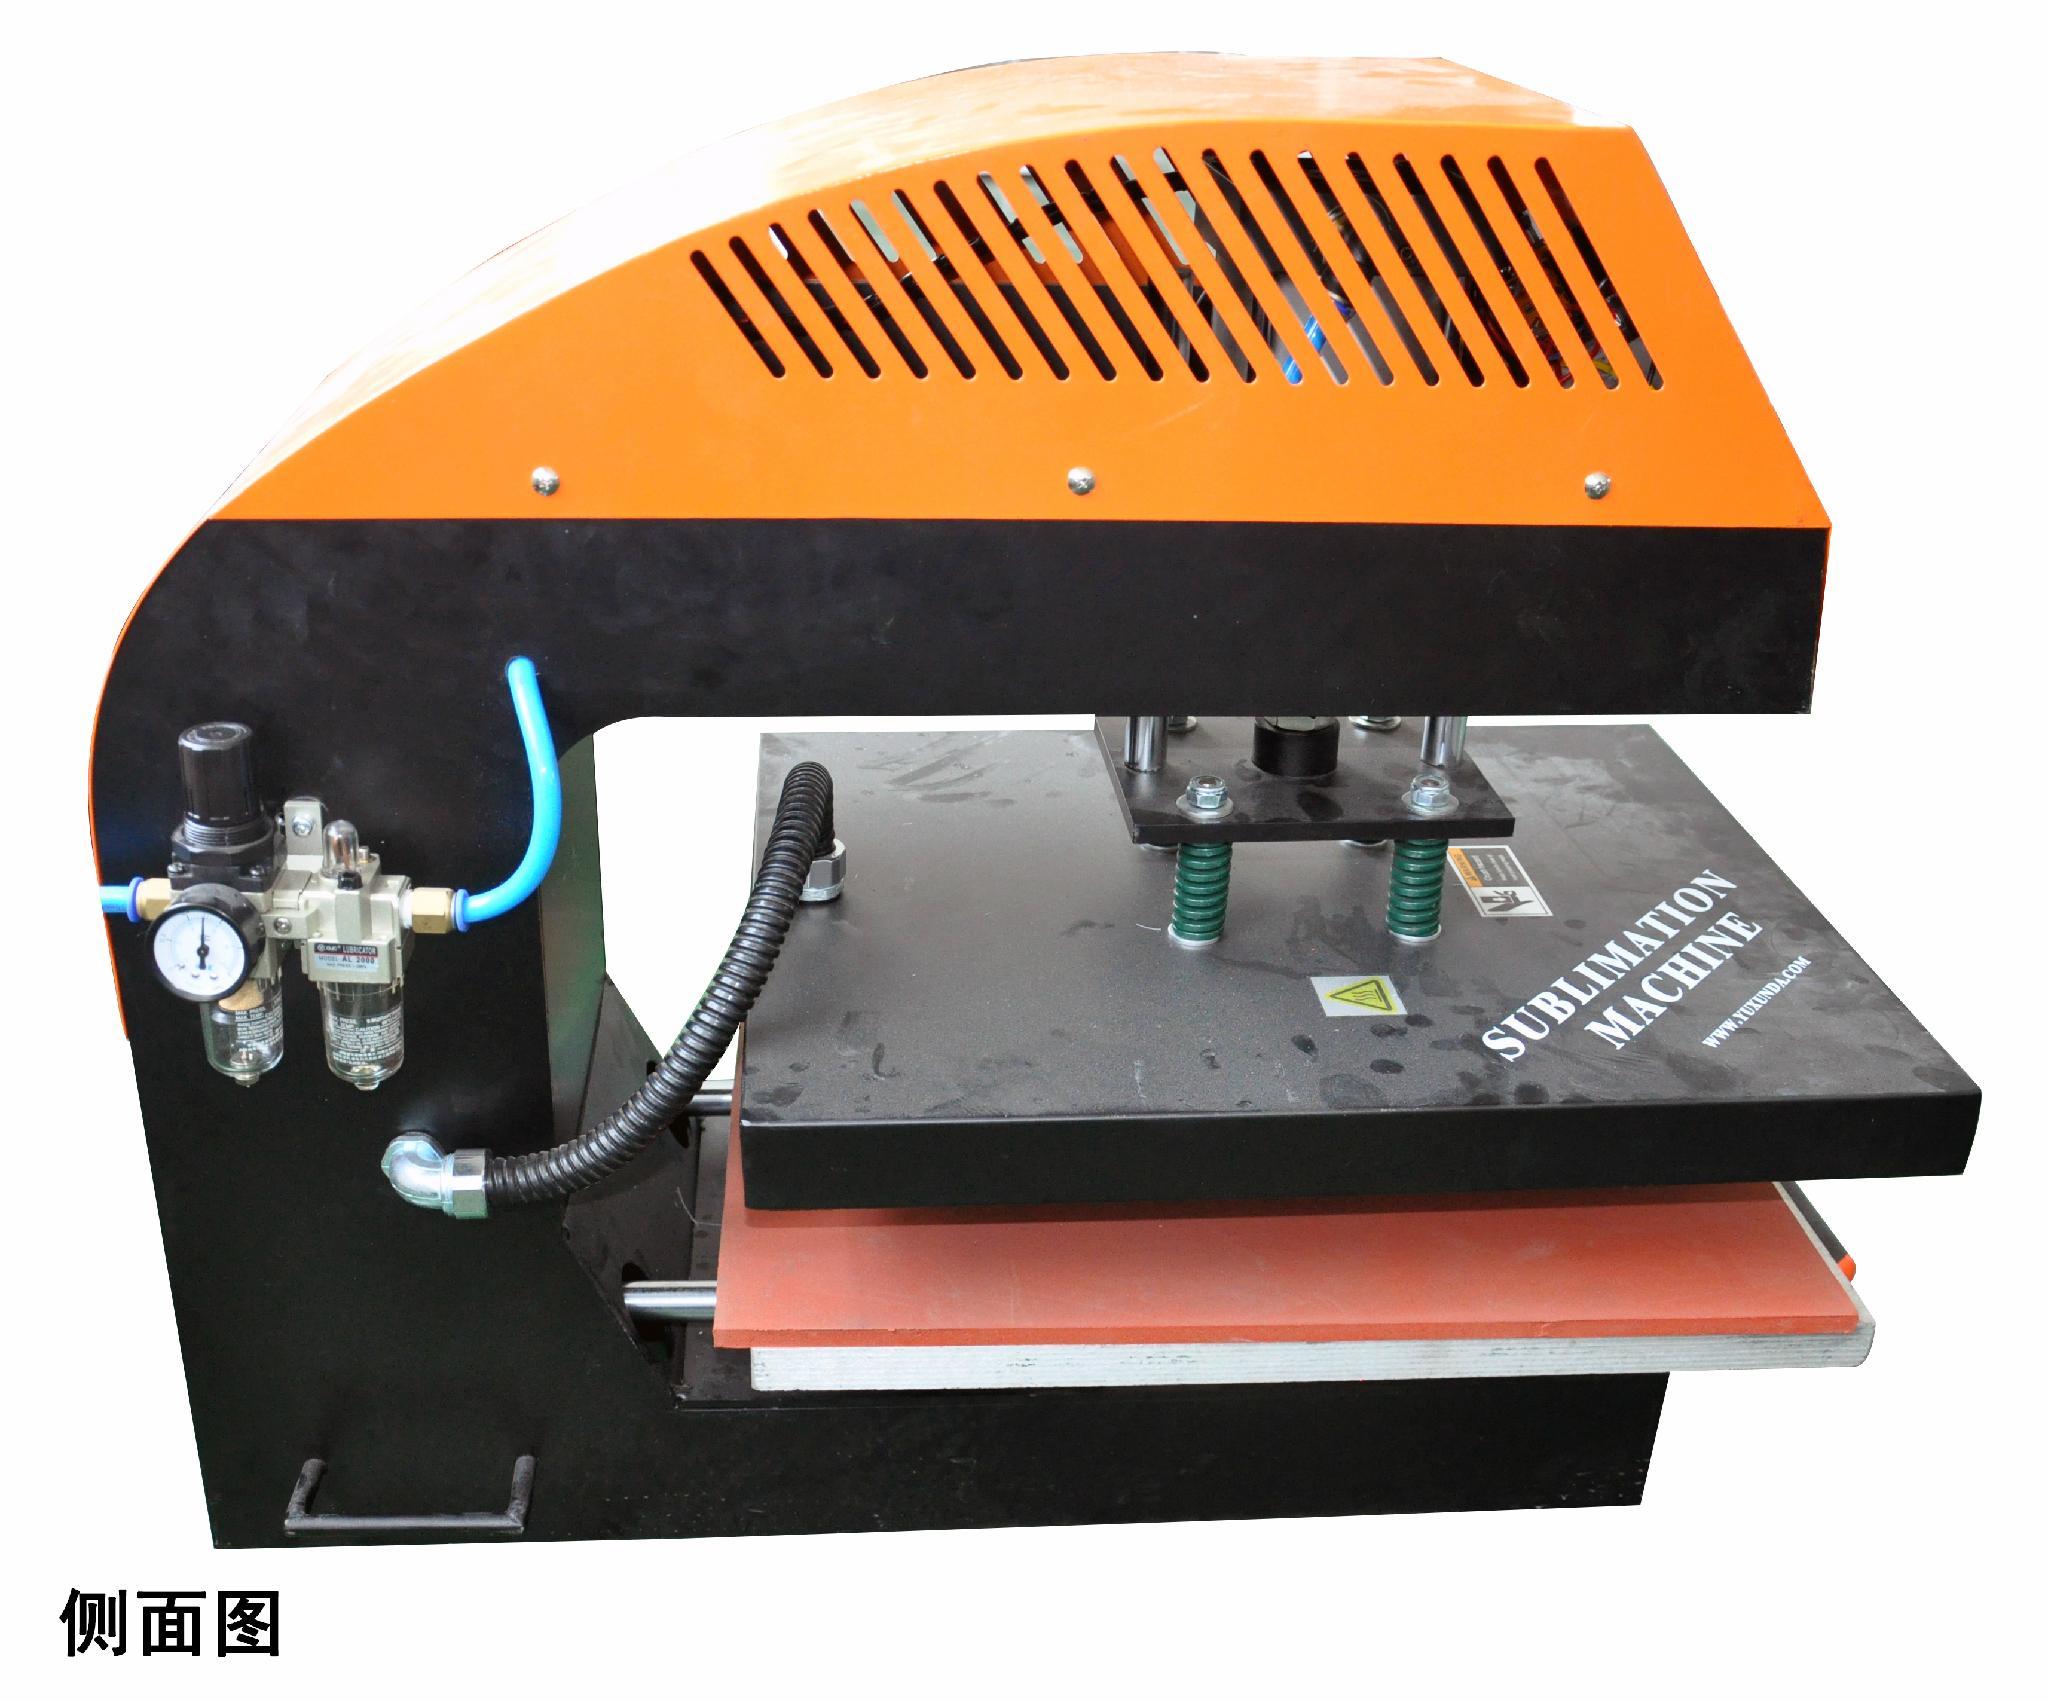 A9气动双工位烫画机 13